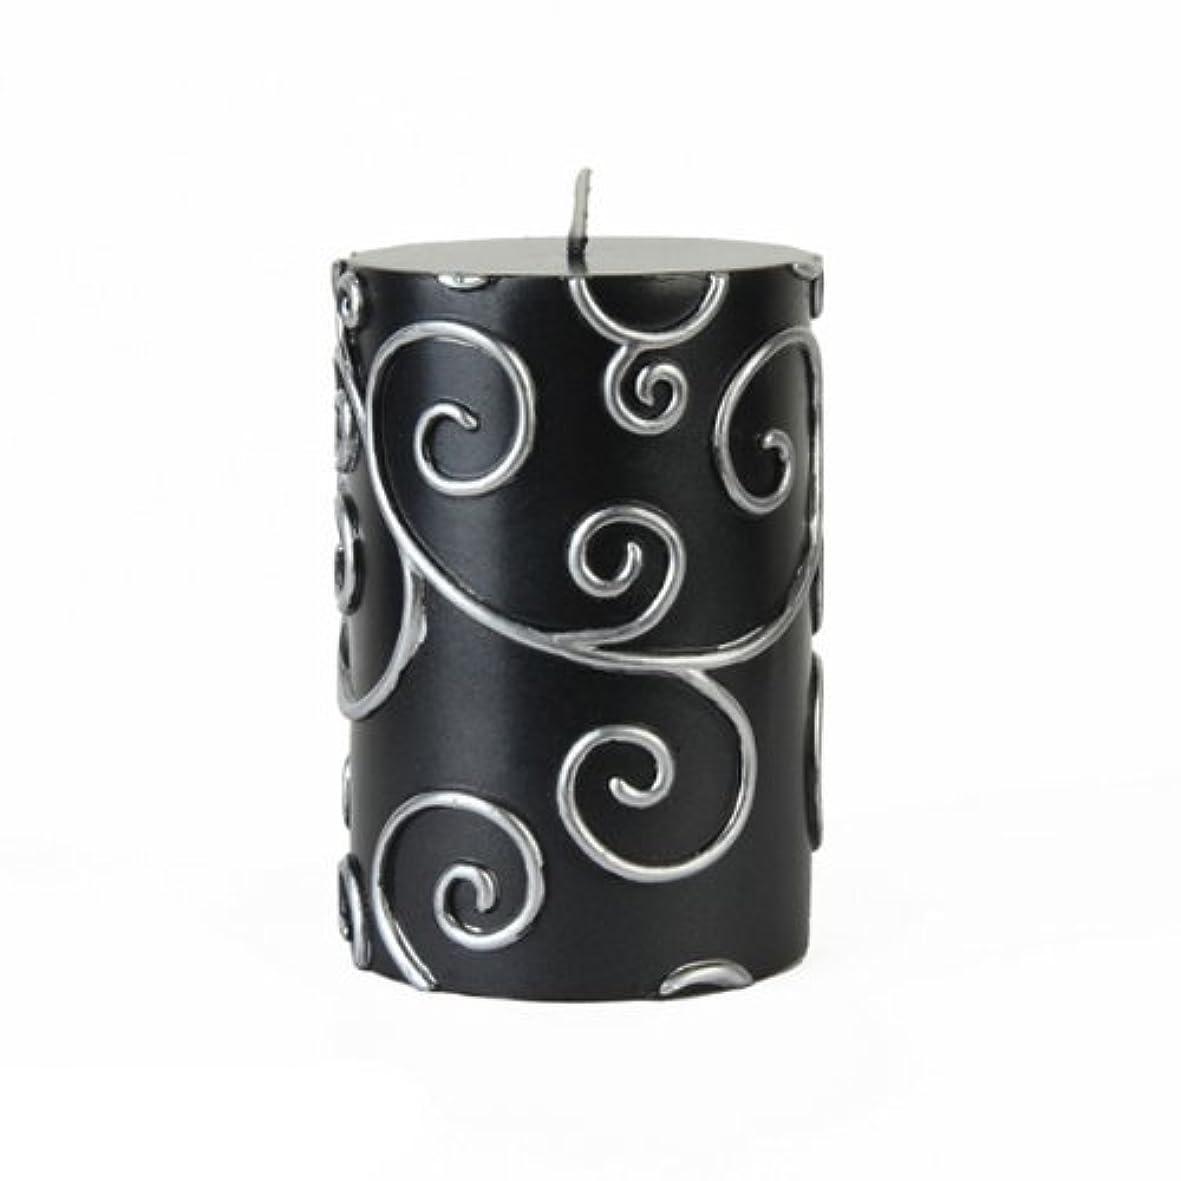 みすぼらしい時間抜本的なZest Candle CPS-001_12 12-Piece Scroll Pillar Candle, 3' x 4', Black [並行輸入品]